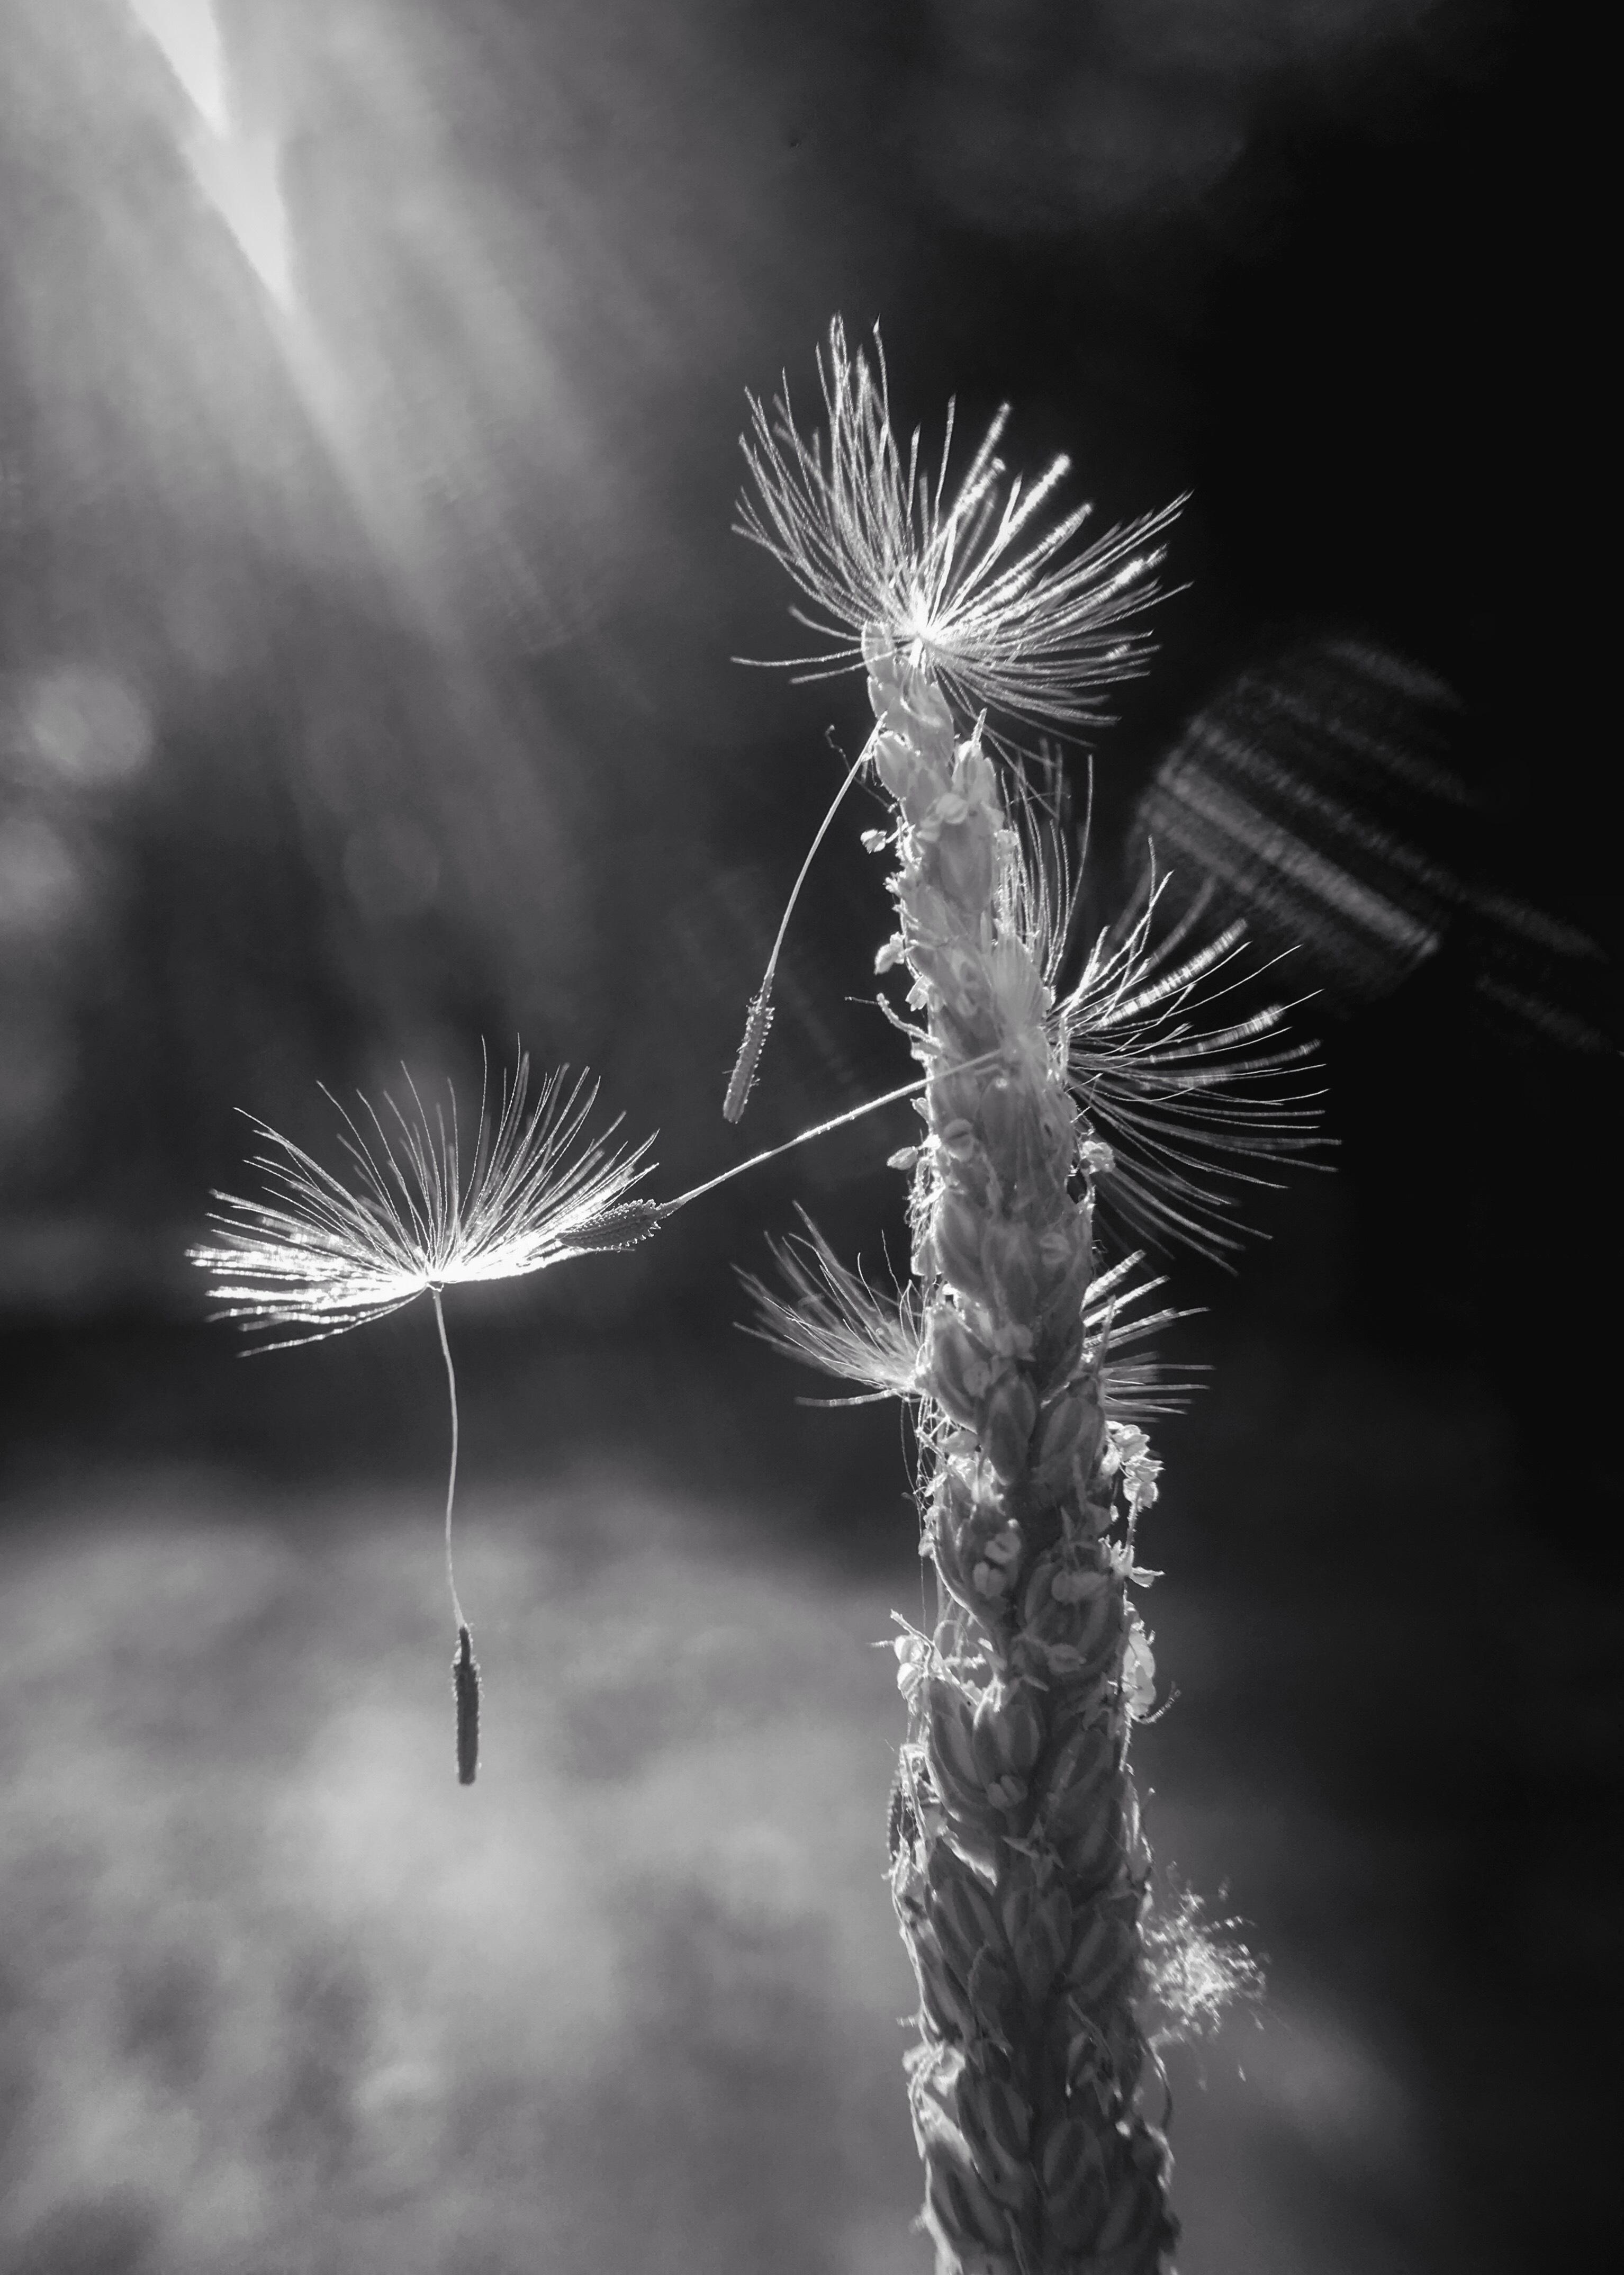 黑白光影素描 植物